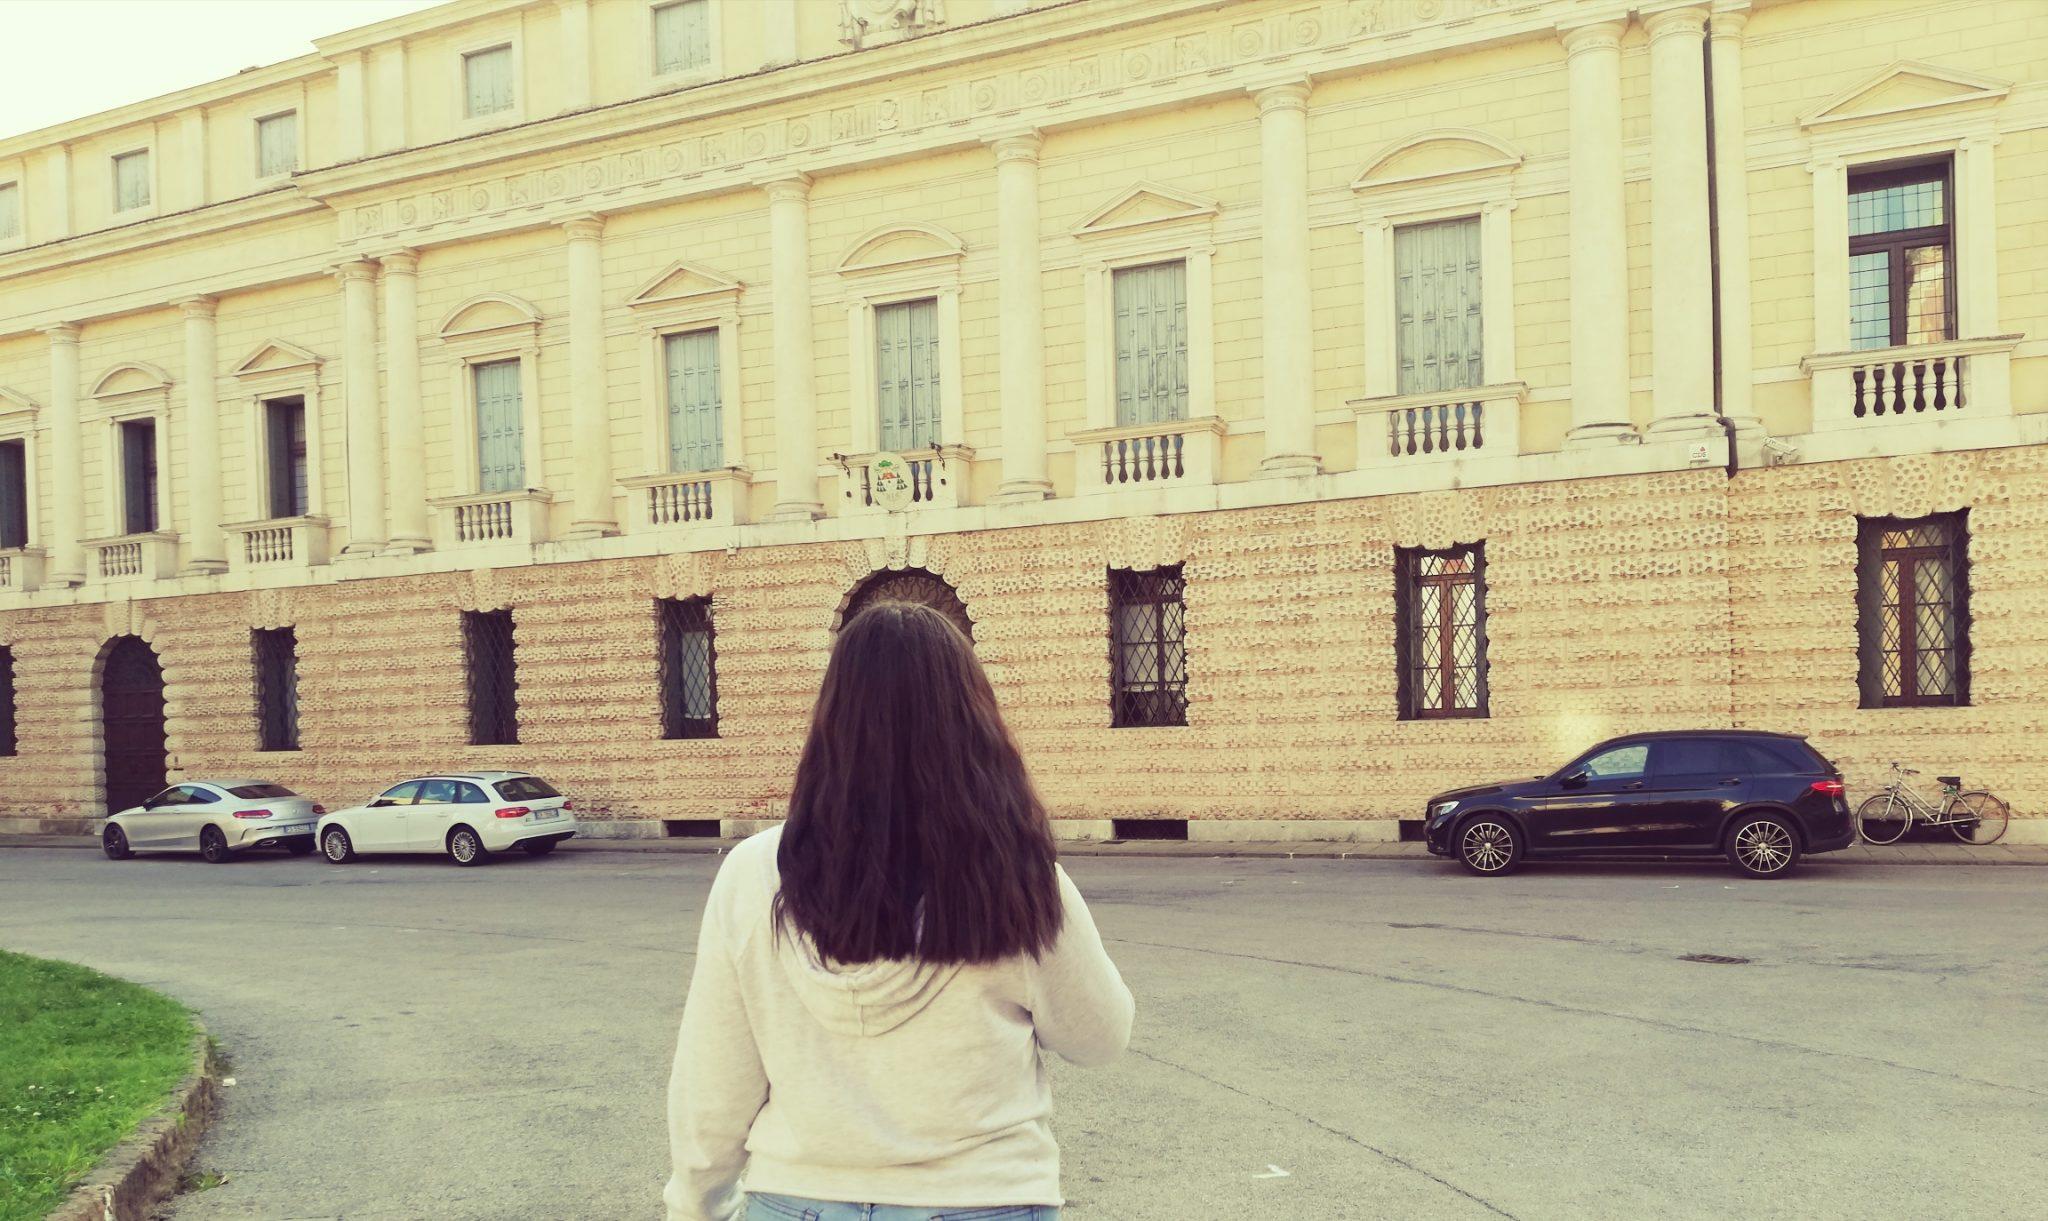 Atunci când călătorești singur s-ar putea să te îndrăgostești